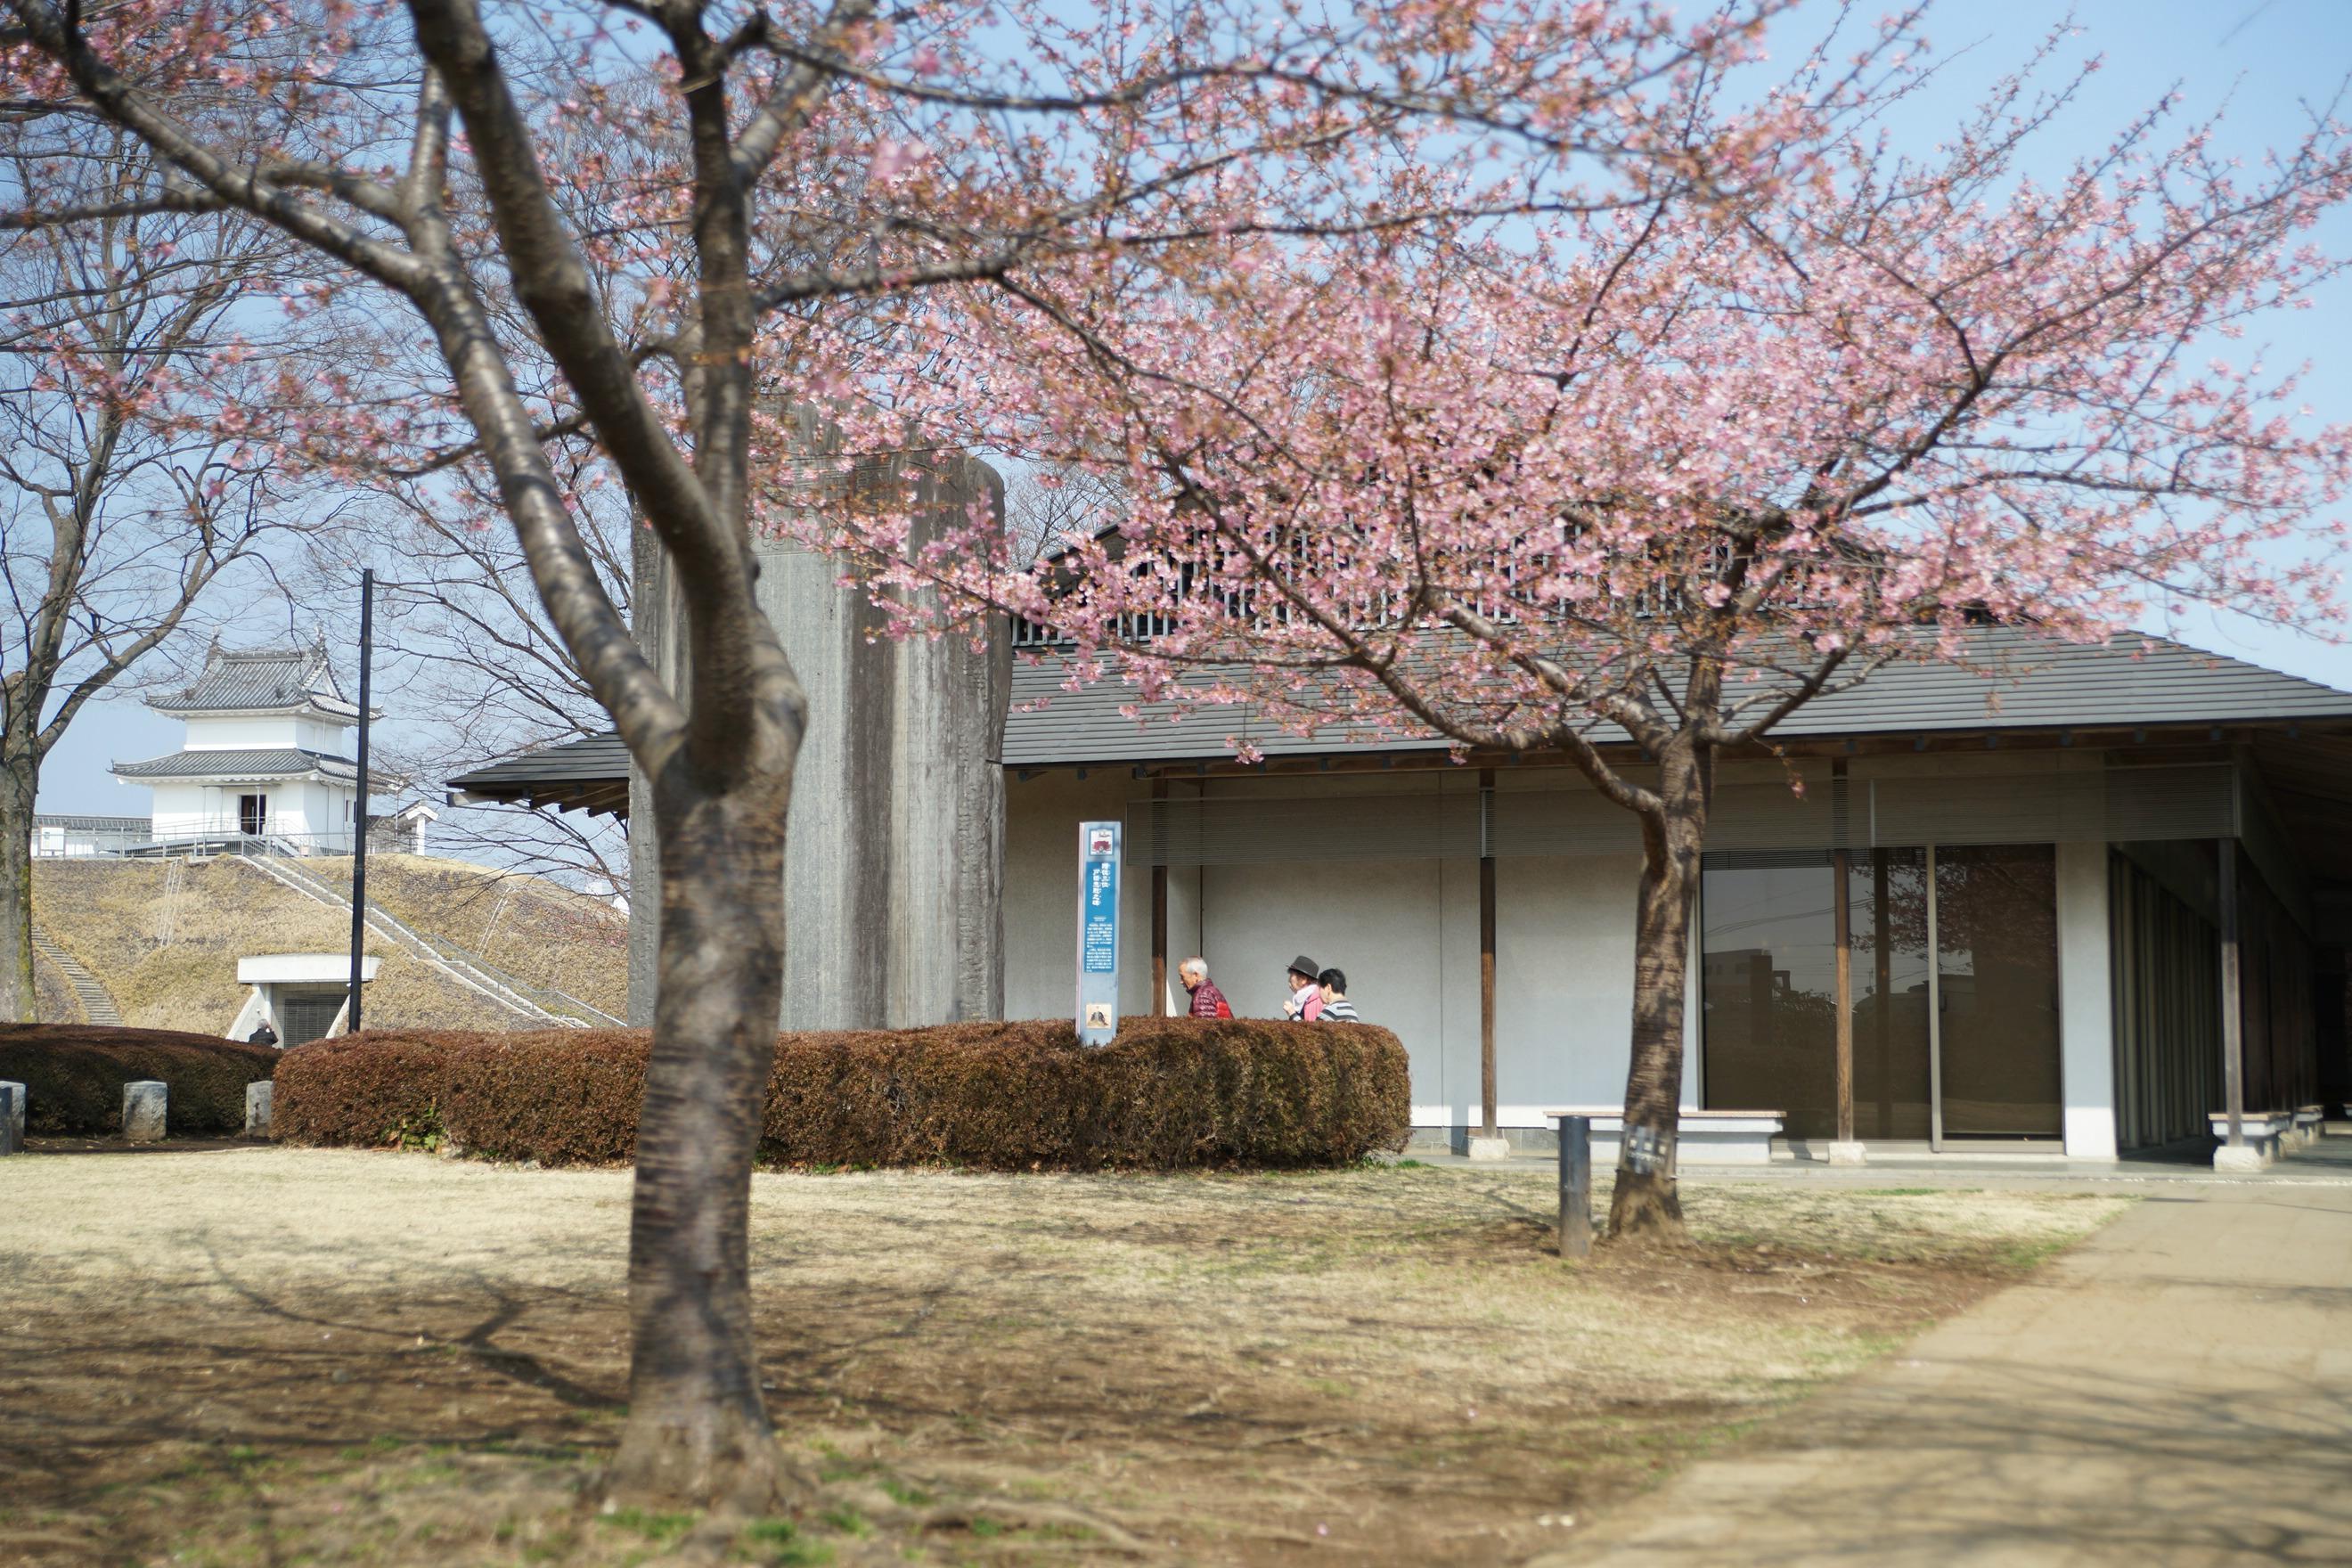 宇都宮城址公園2018年3月13日更新